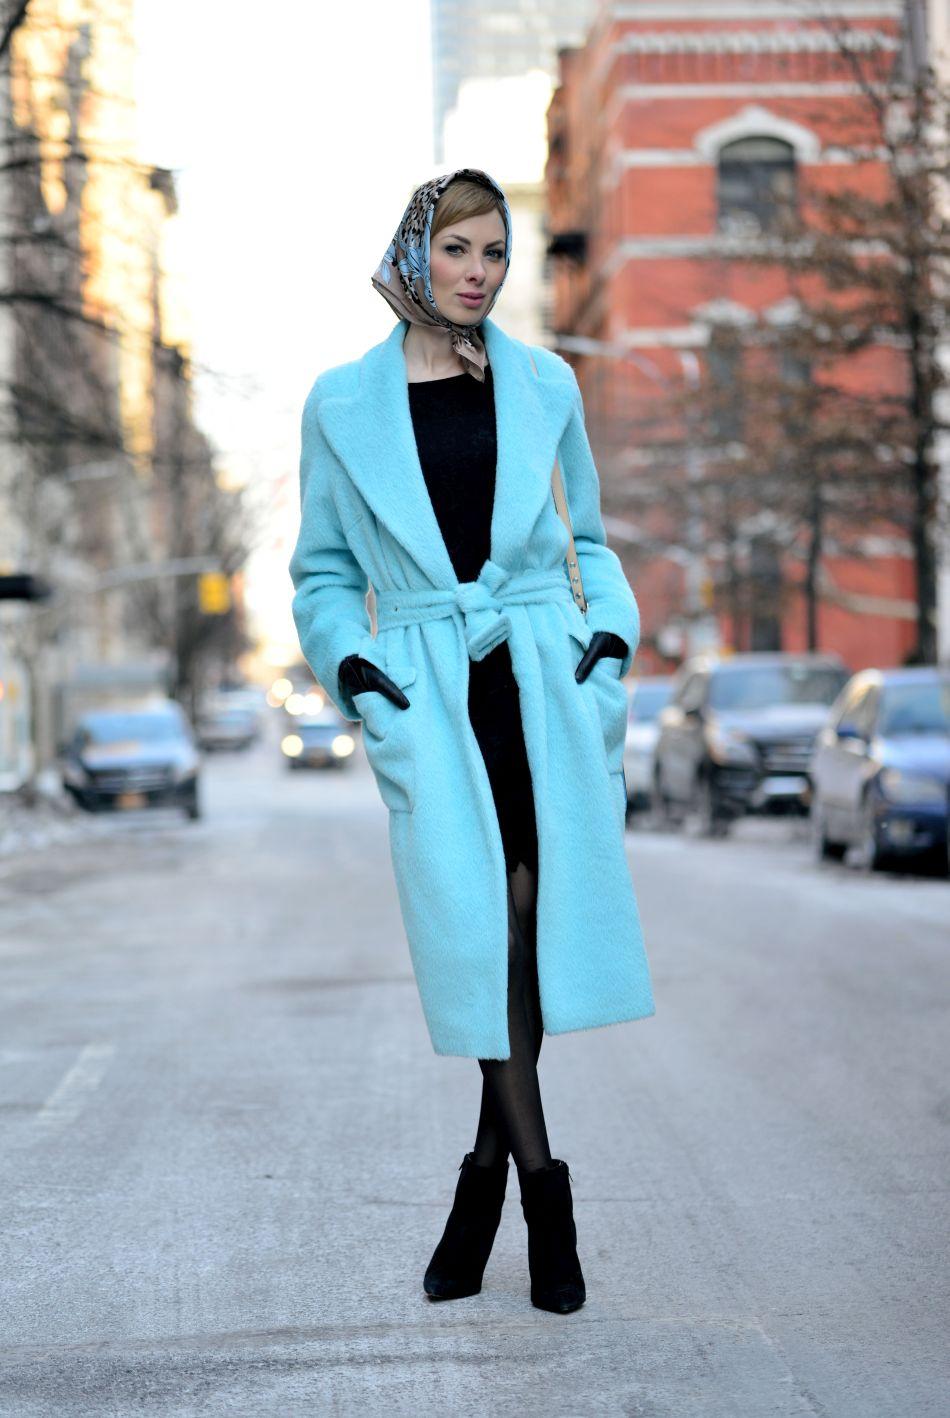 niebieski płaszcz xxl stylizacja